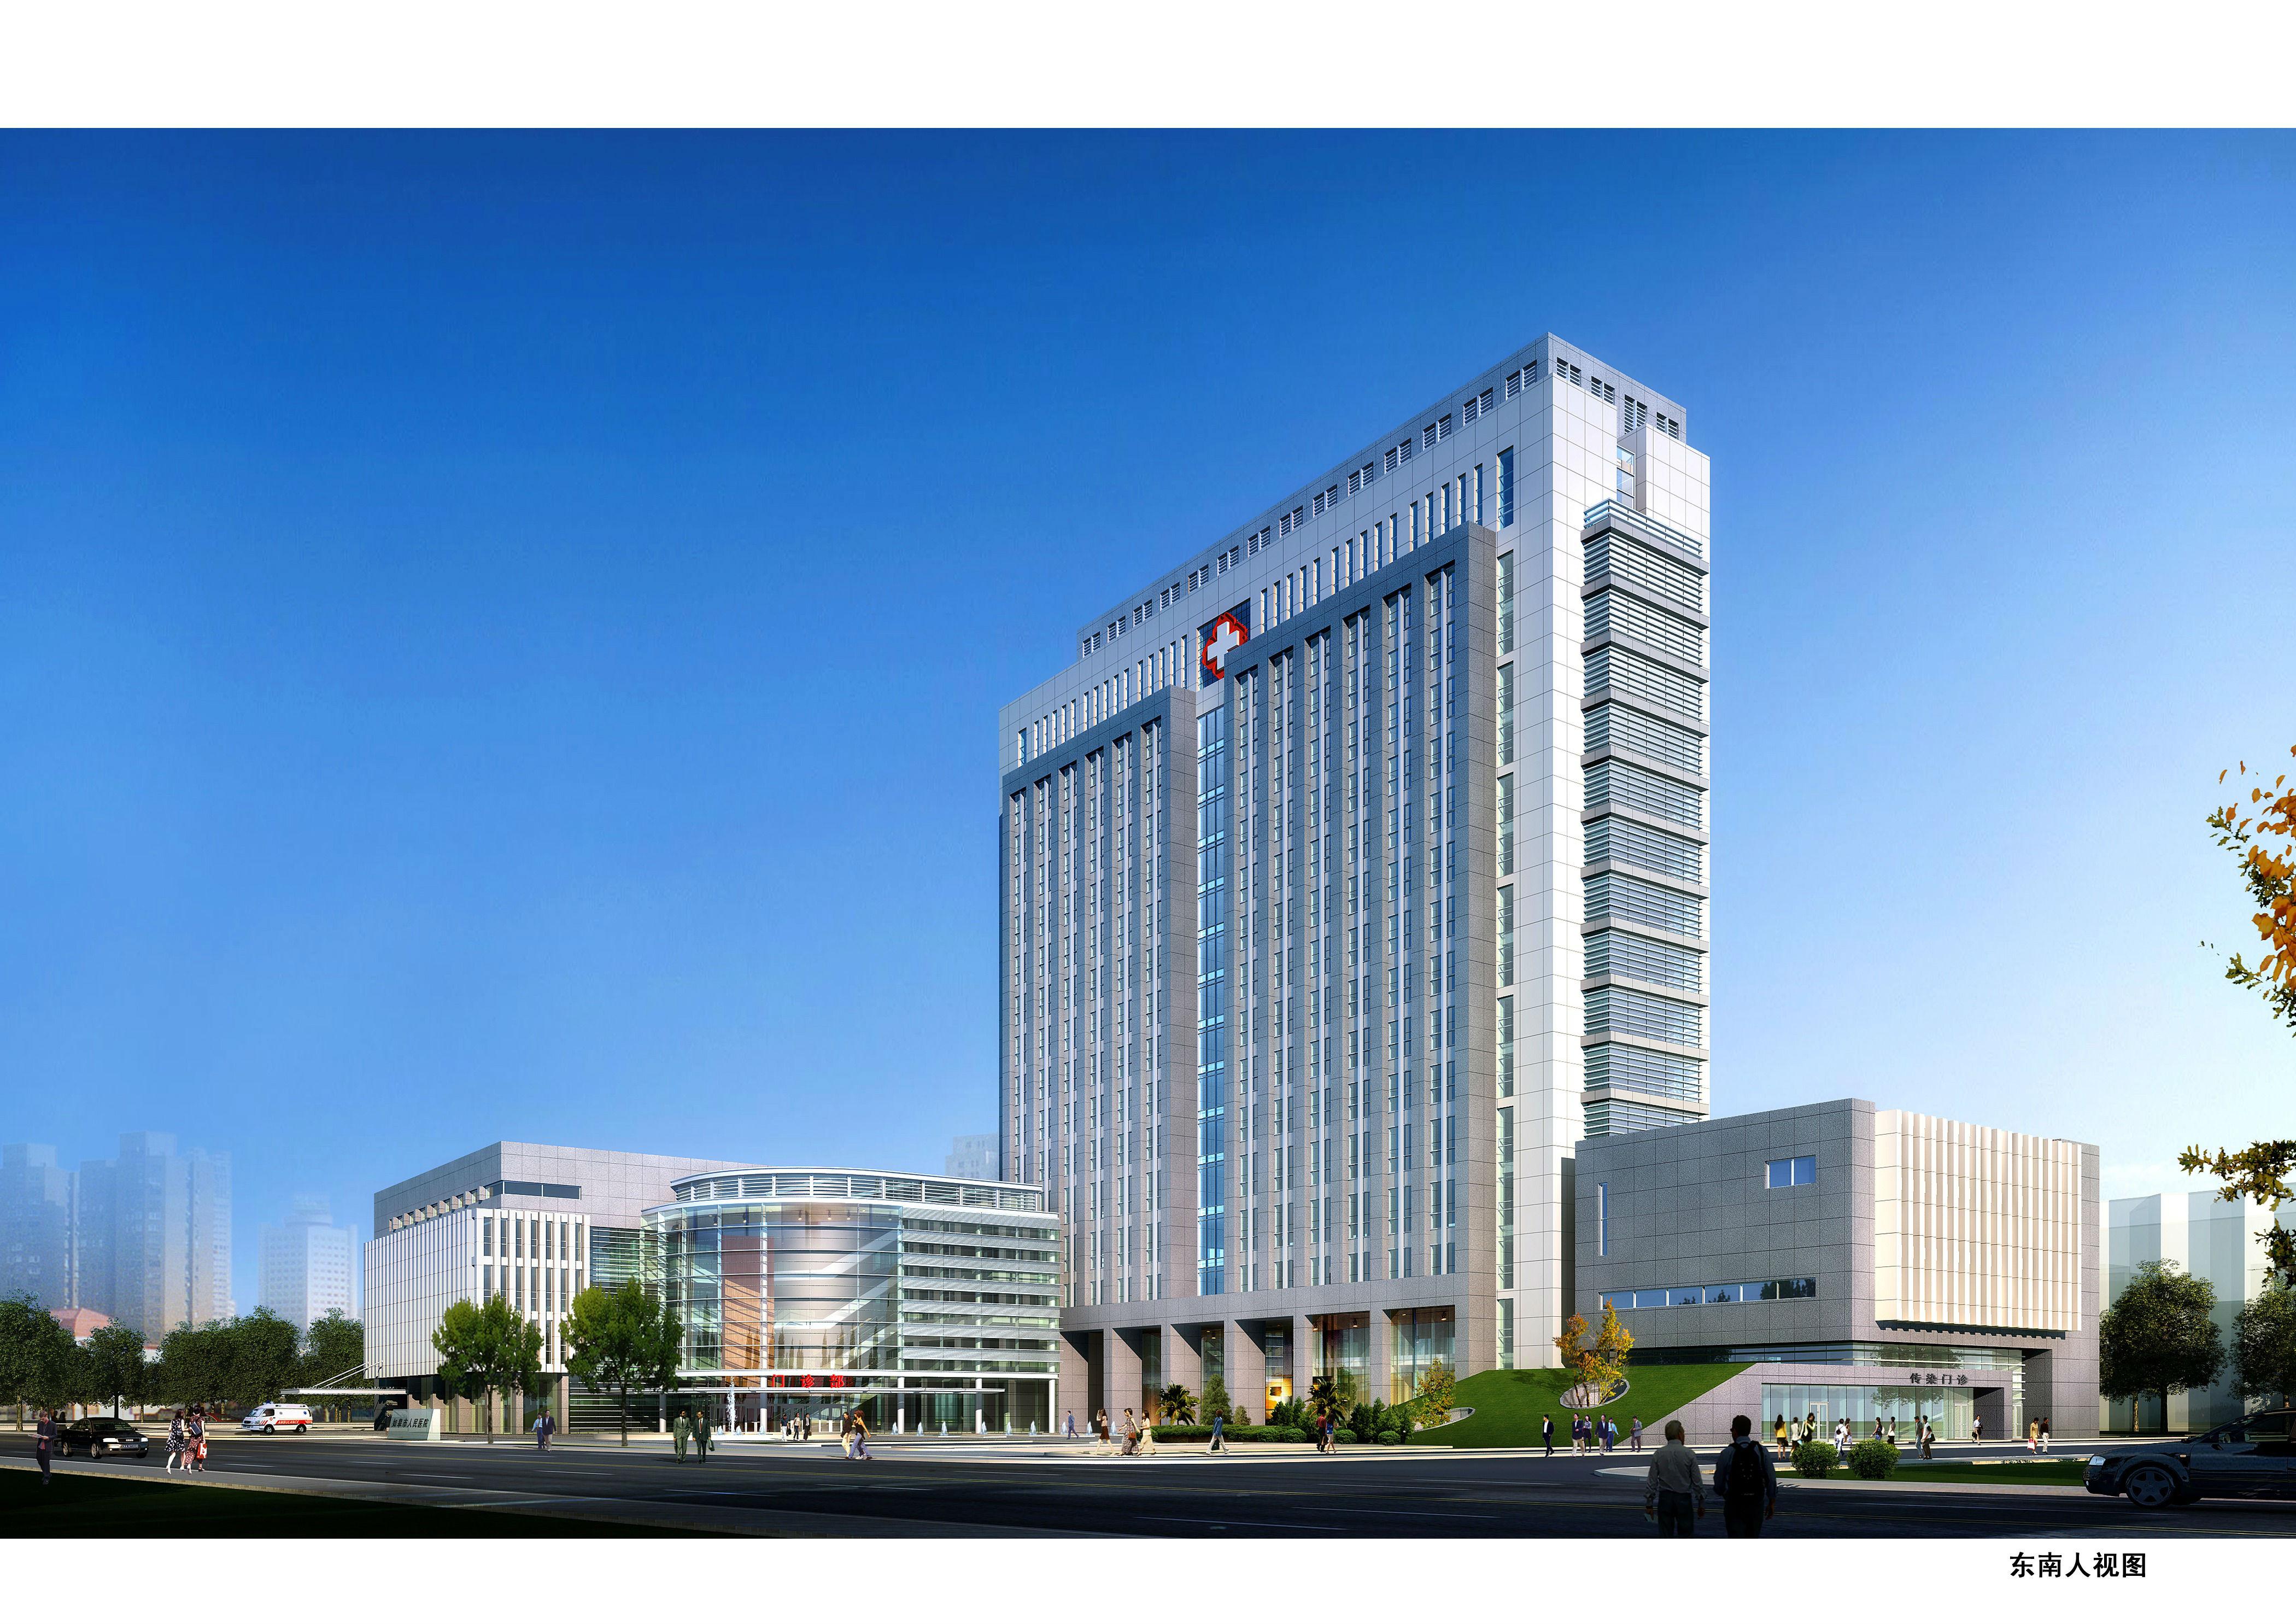 [施工图][江苏省]南通市某人民医院方案设计[含cad]